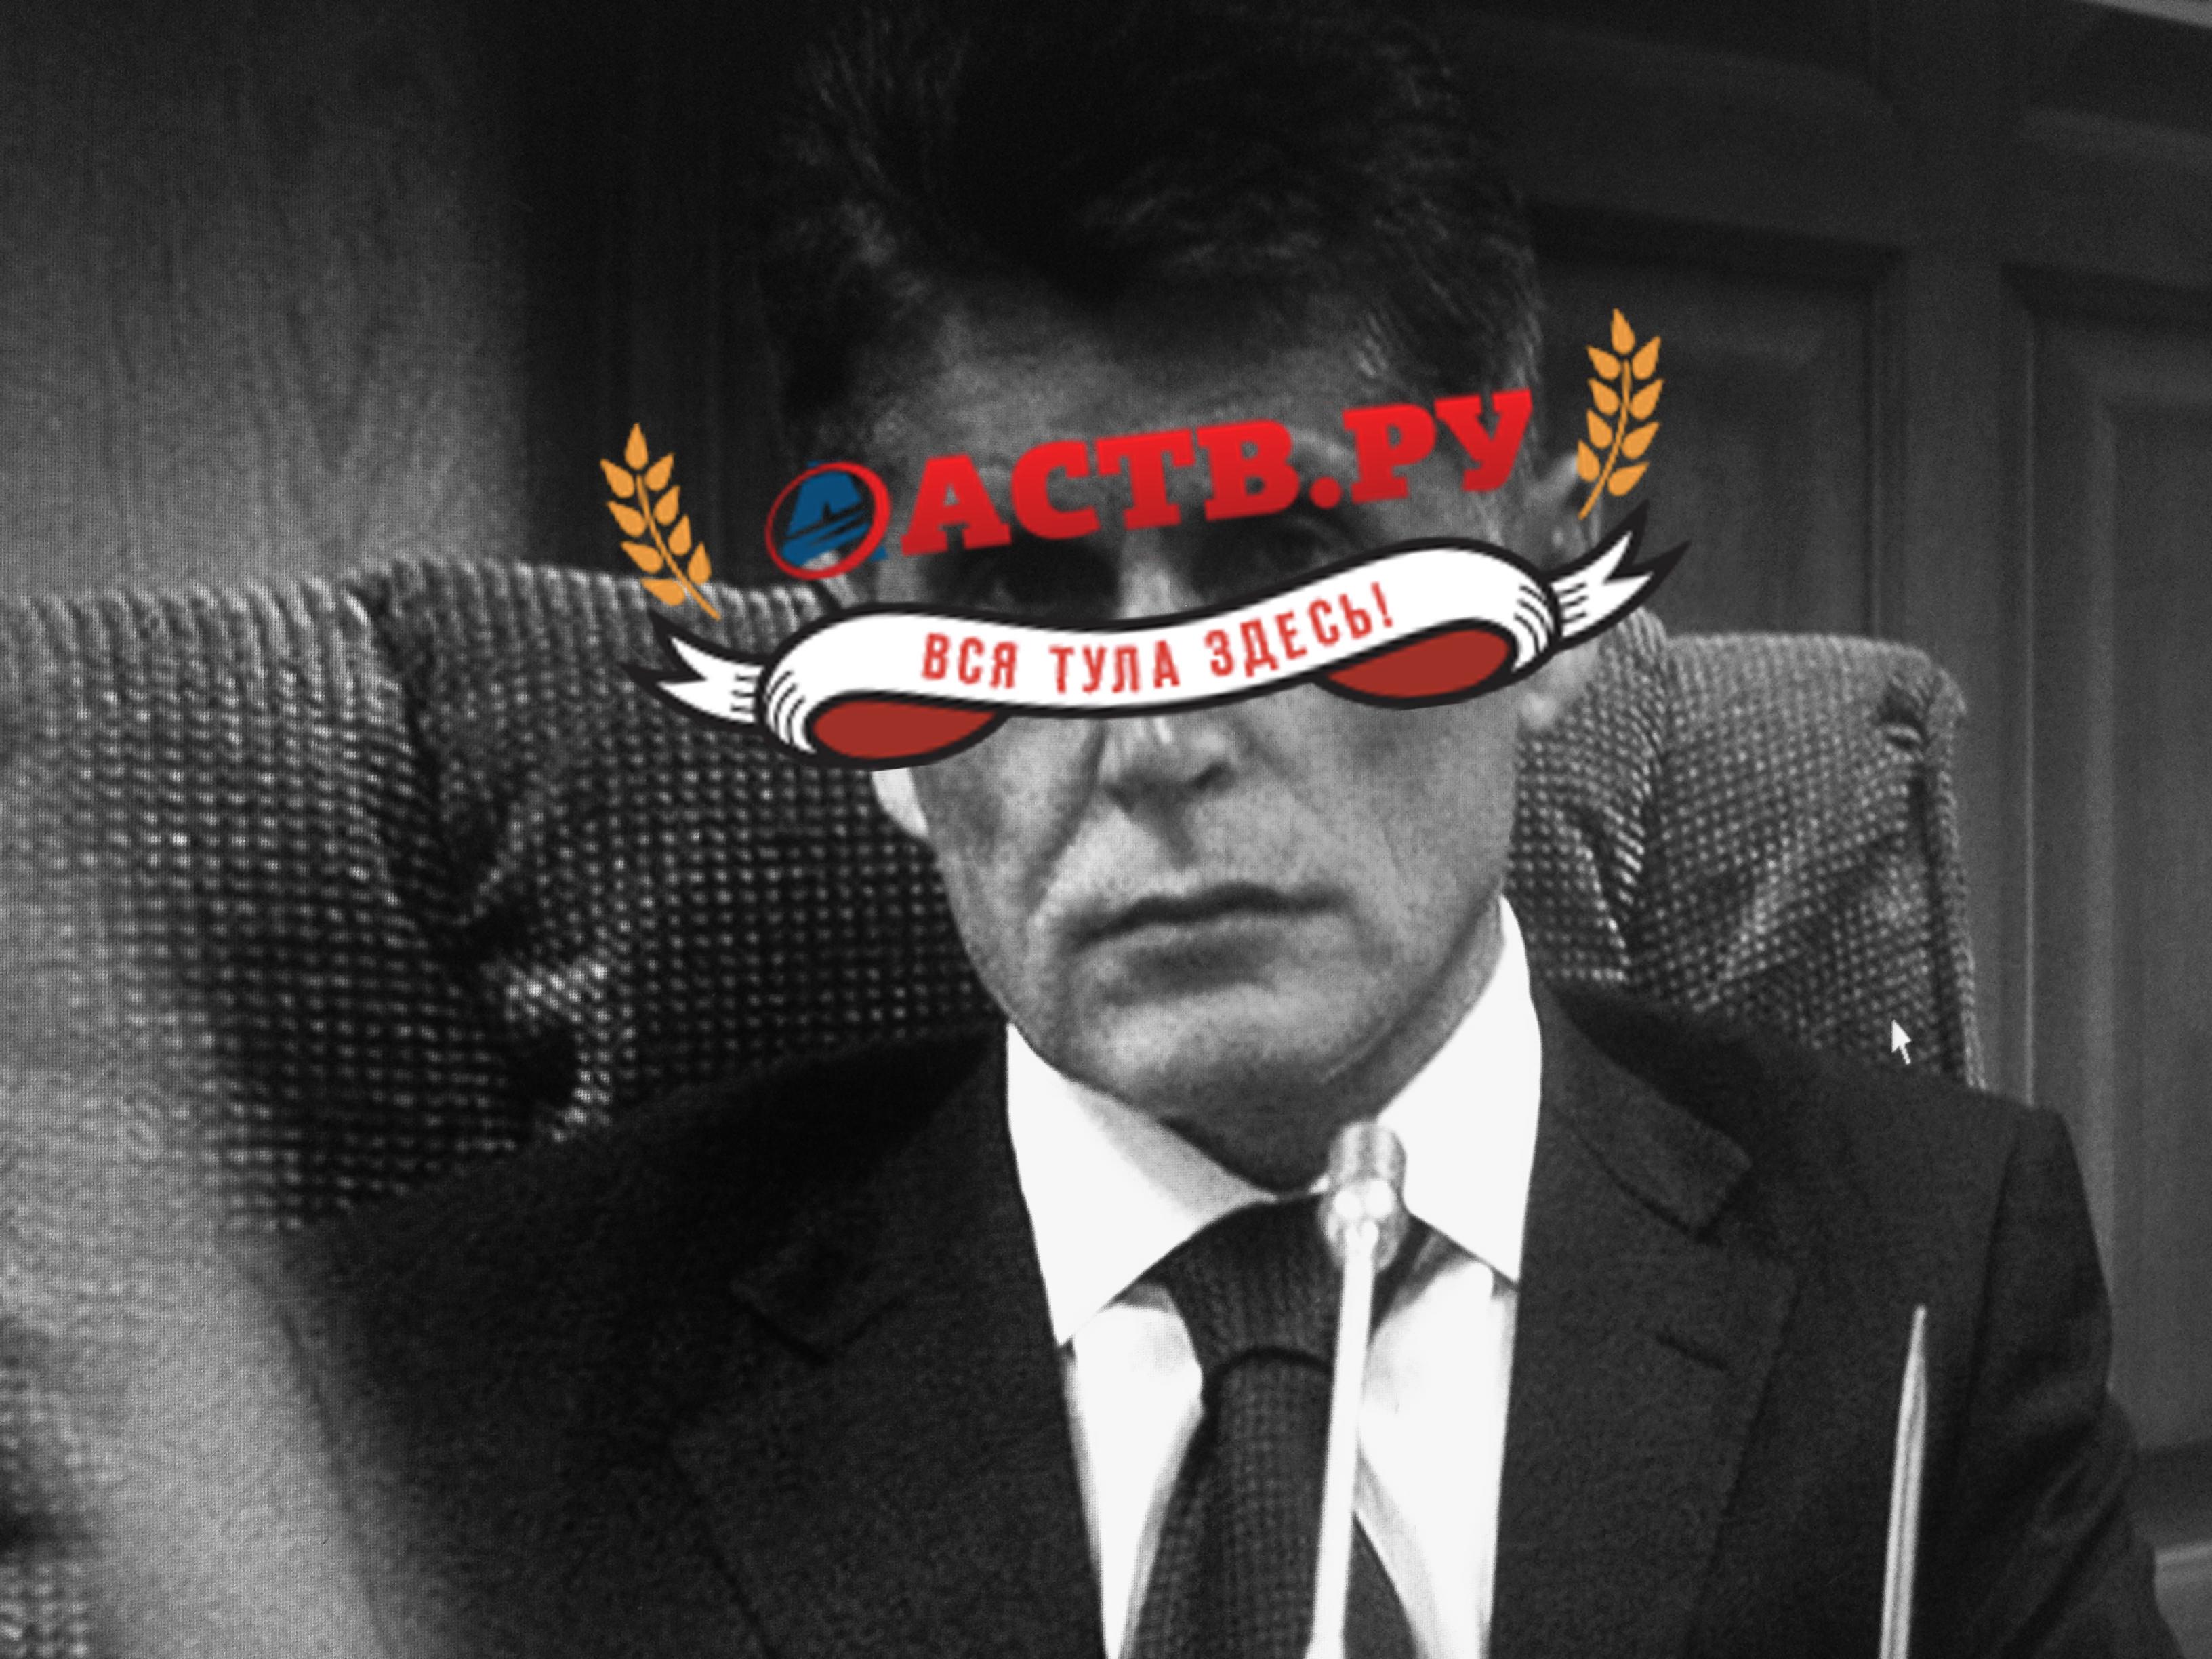 poster-astv-kradet-0